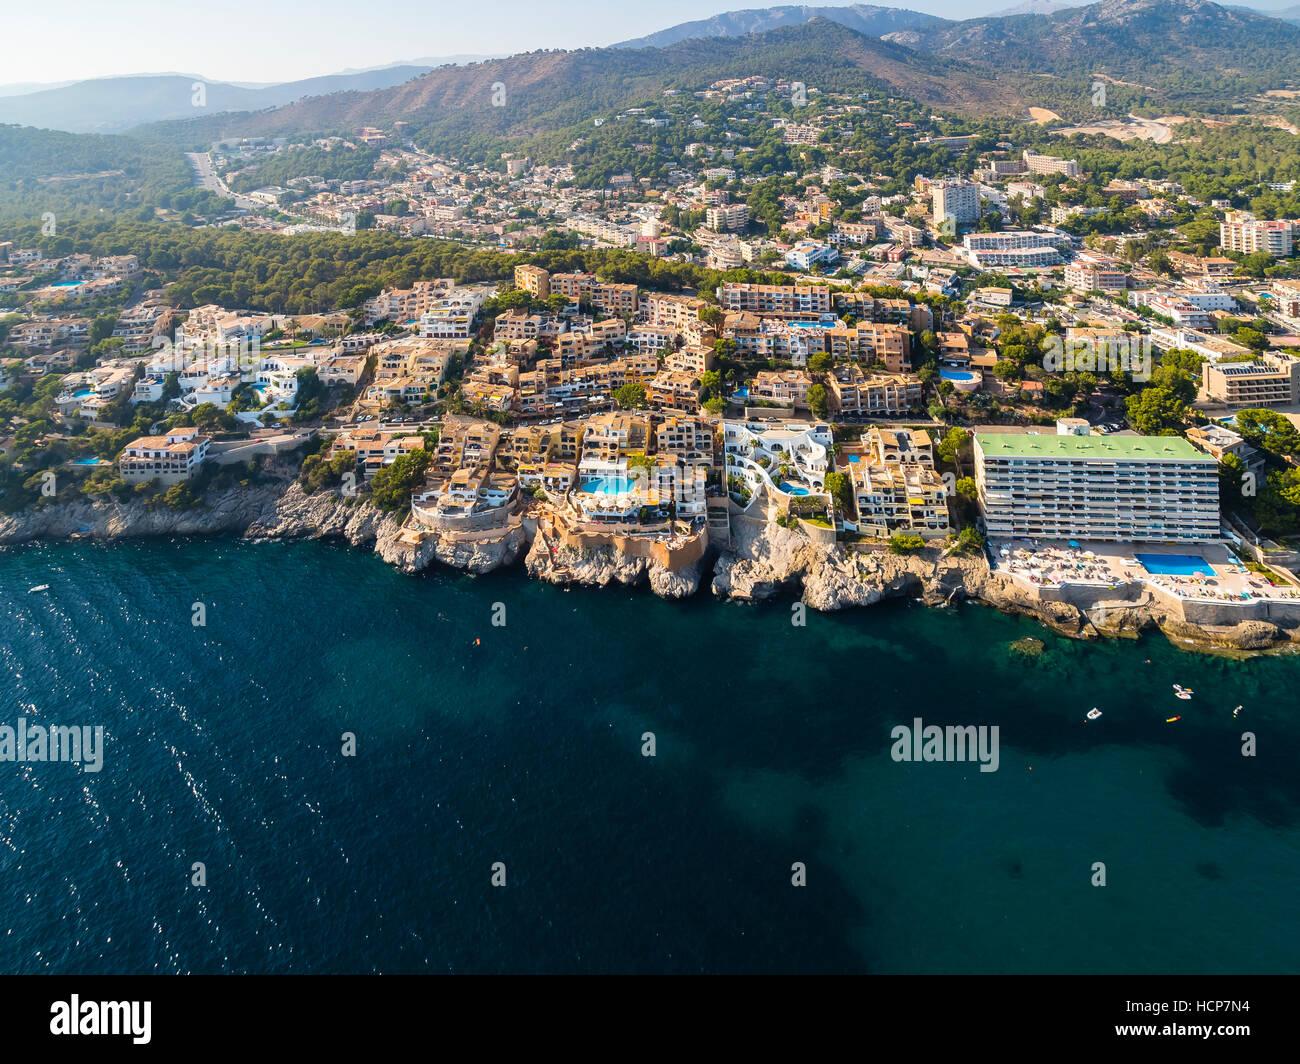 Aerial view, Costa de la Calma, Cala Fornells, Mallorca, Balearic Islands, Spain - Stock Image